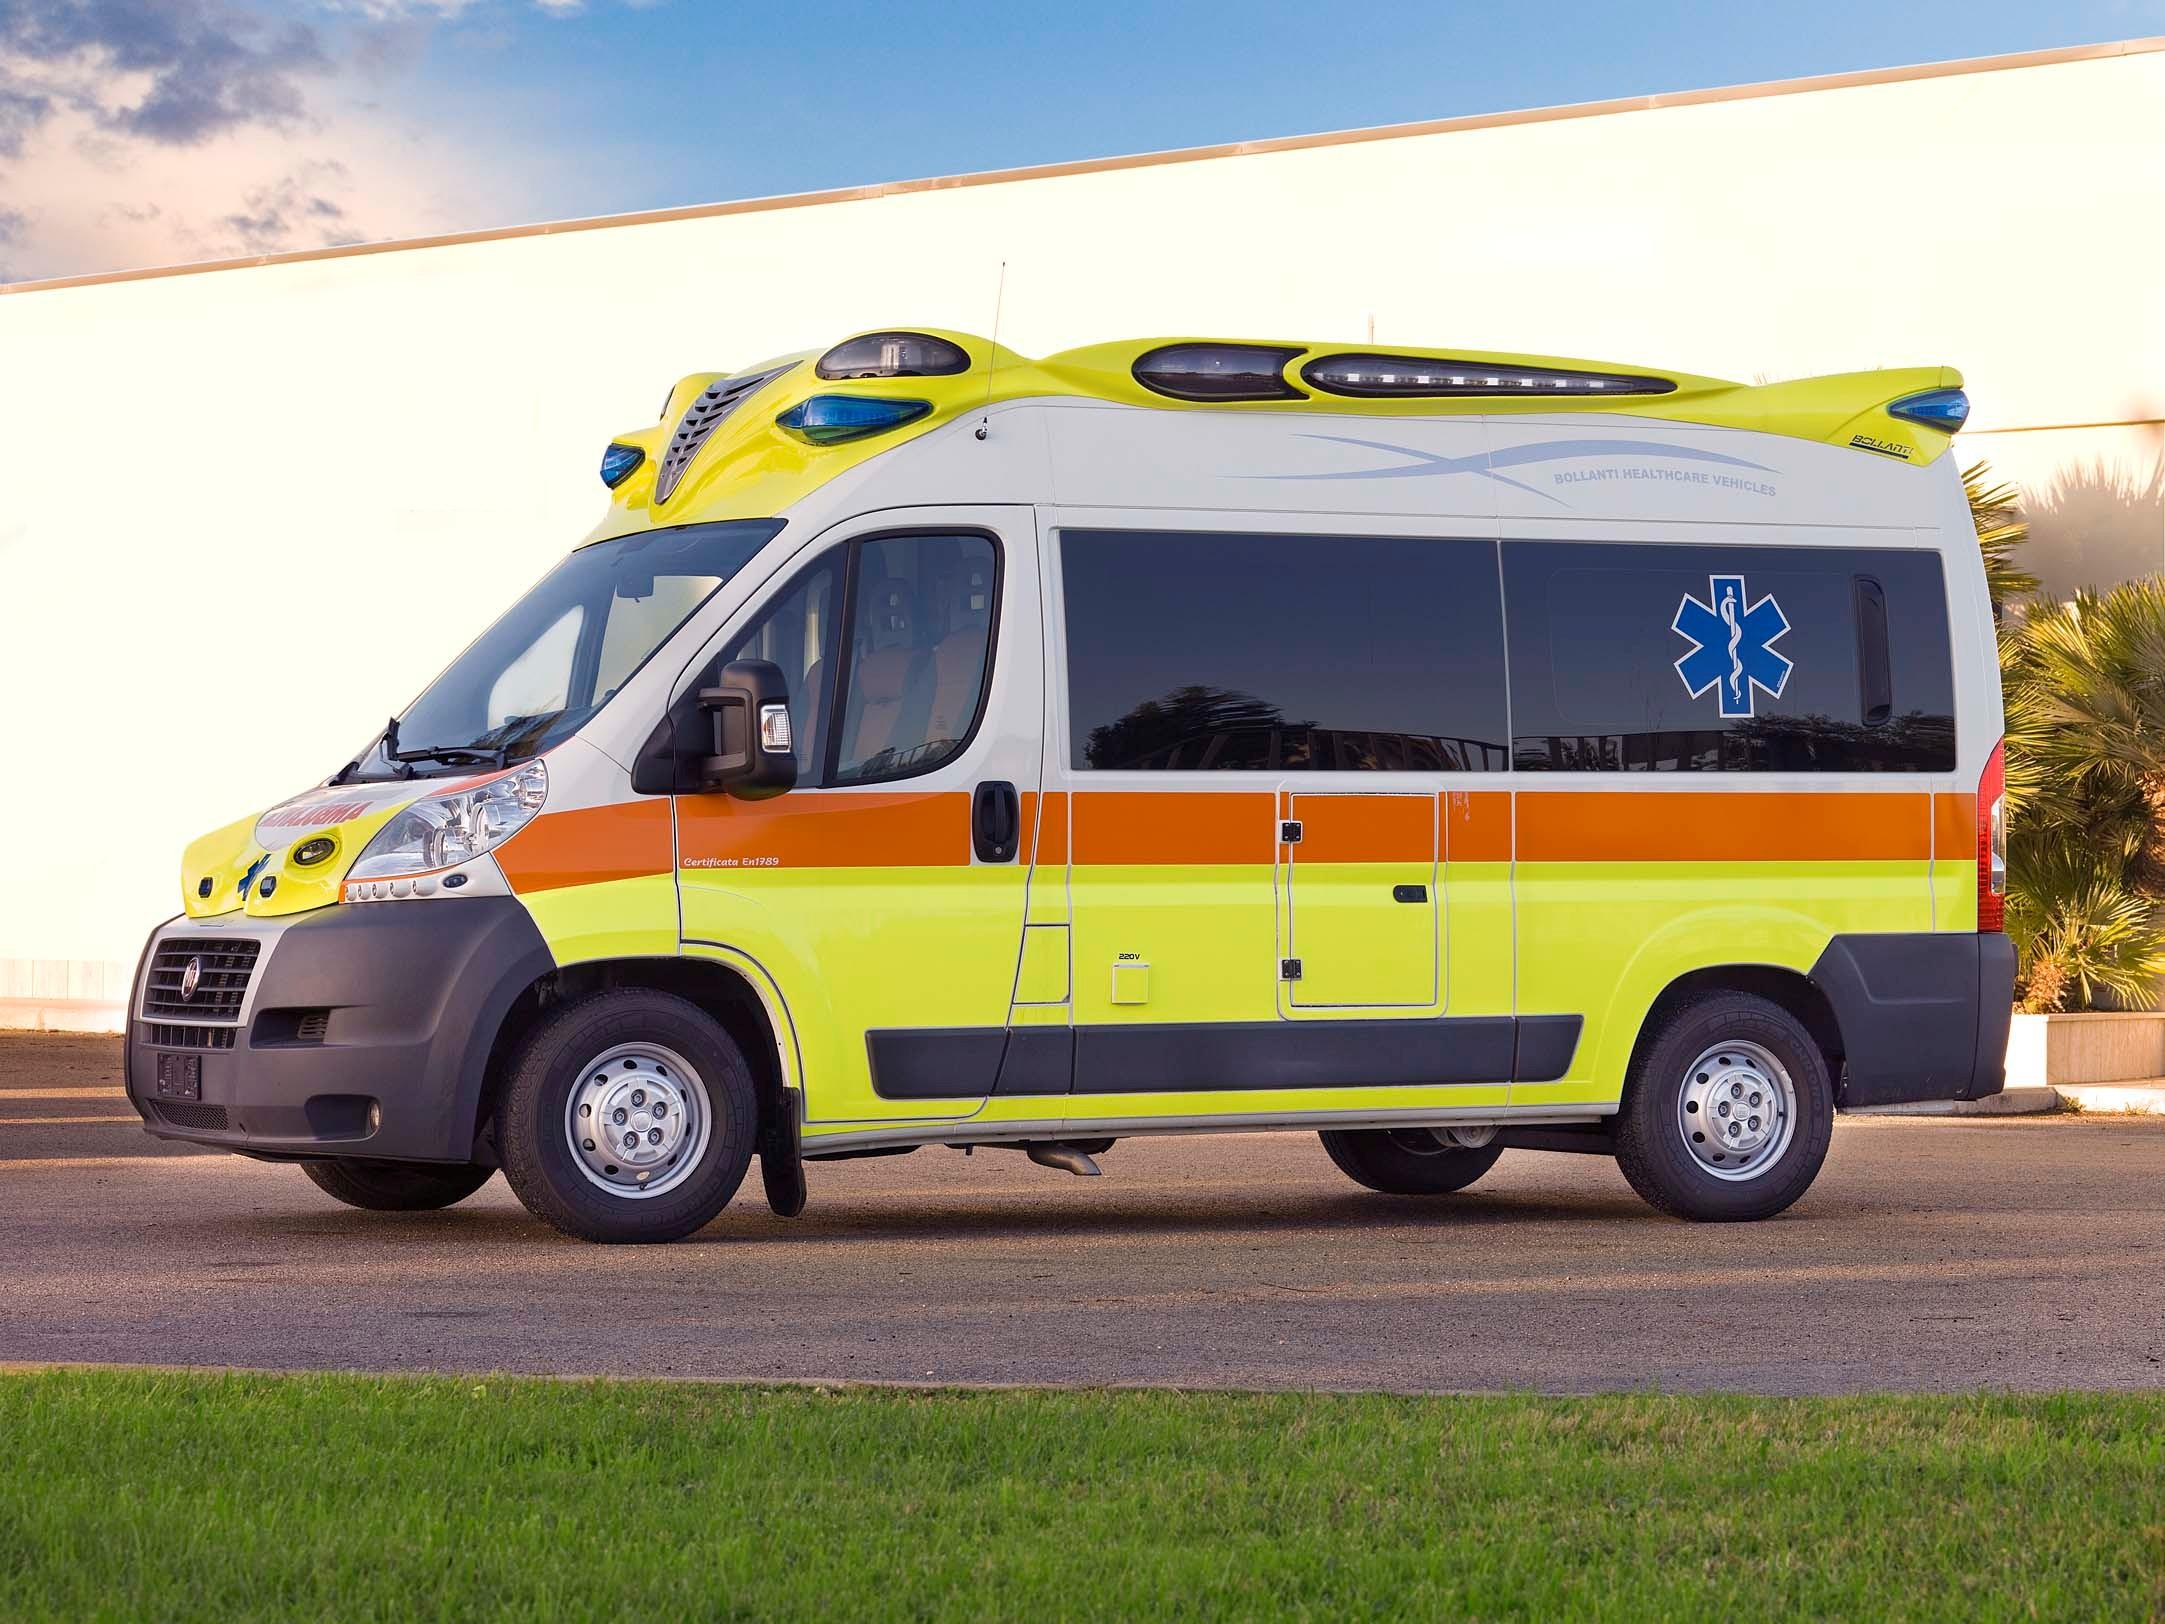 Suono sirena ambulanza scarica